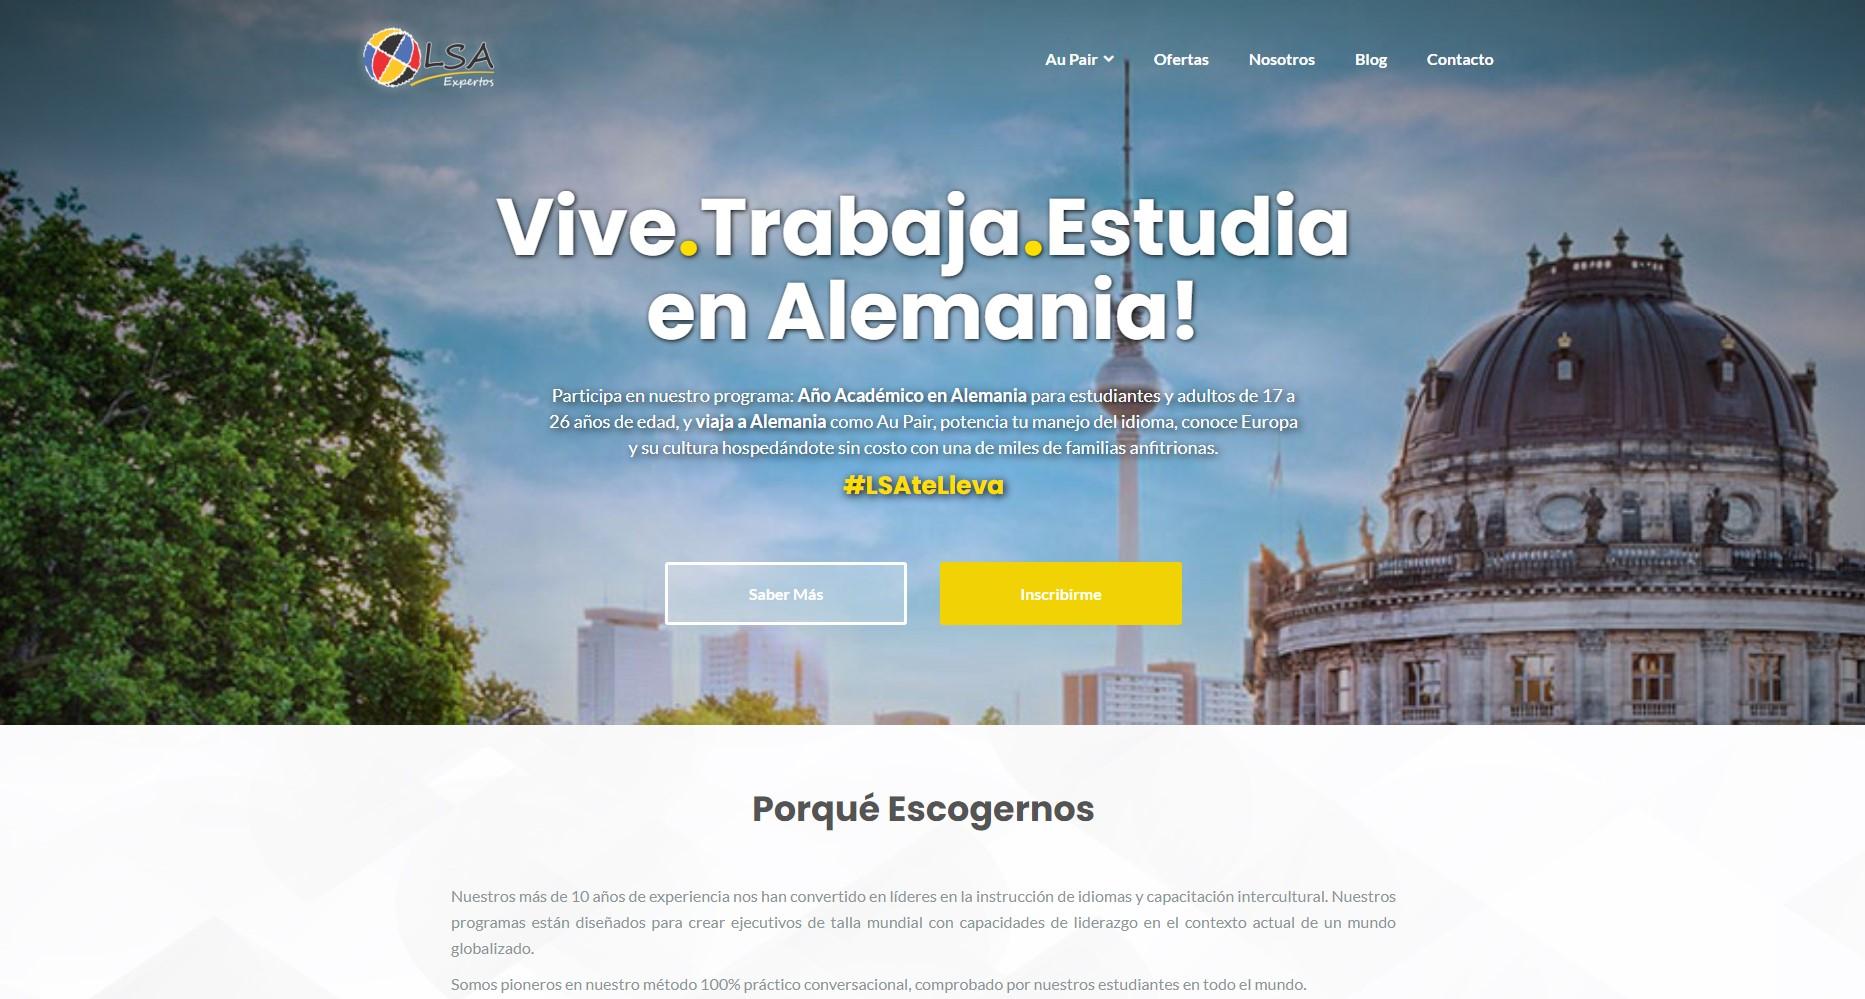 LSA Expertos AuPair Agency